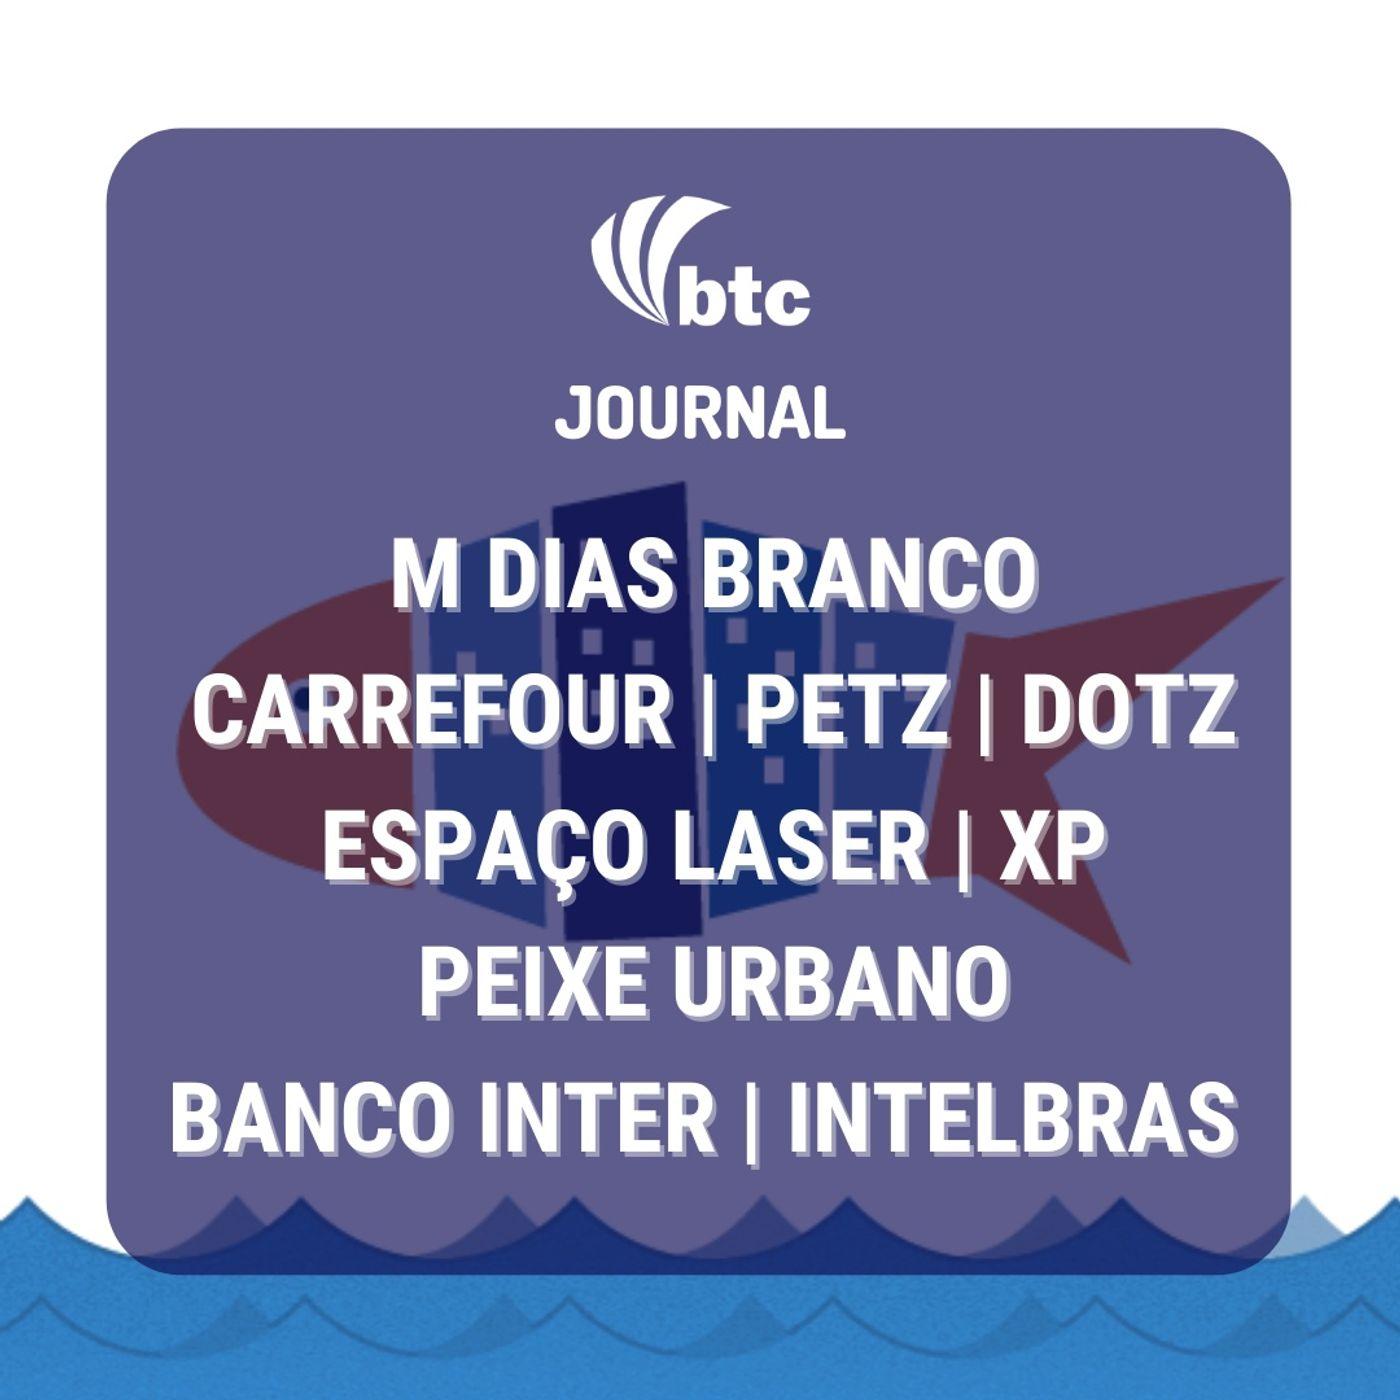 M Dias Branco, Carrefour, Petz, Espaço Laser, Peixe Urbano, Banco Inter e Dotz   Journal 13/05/21